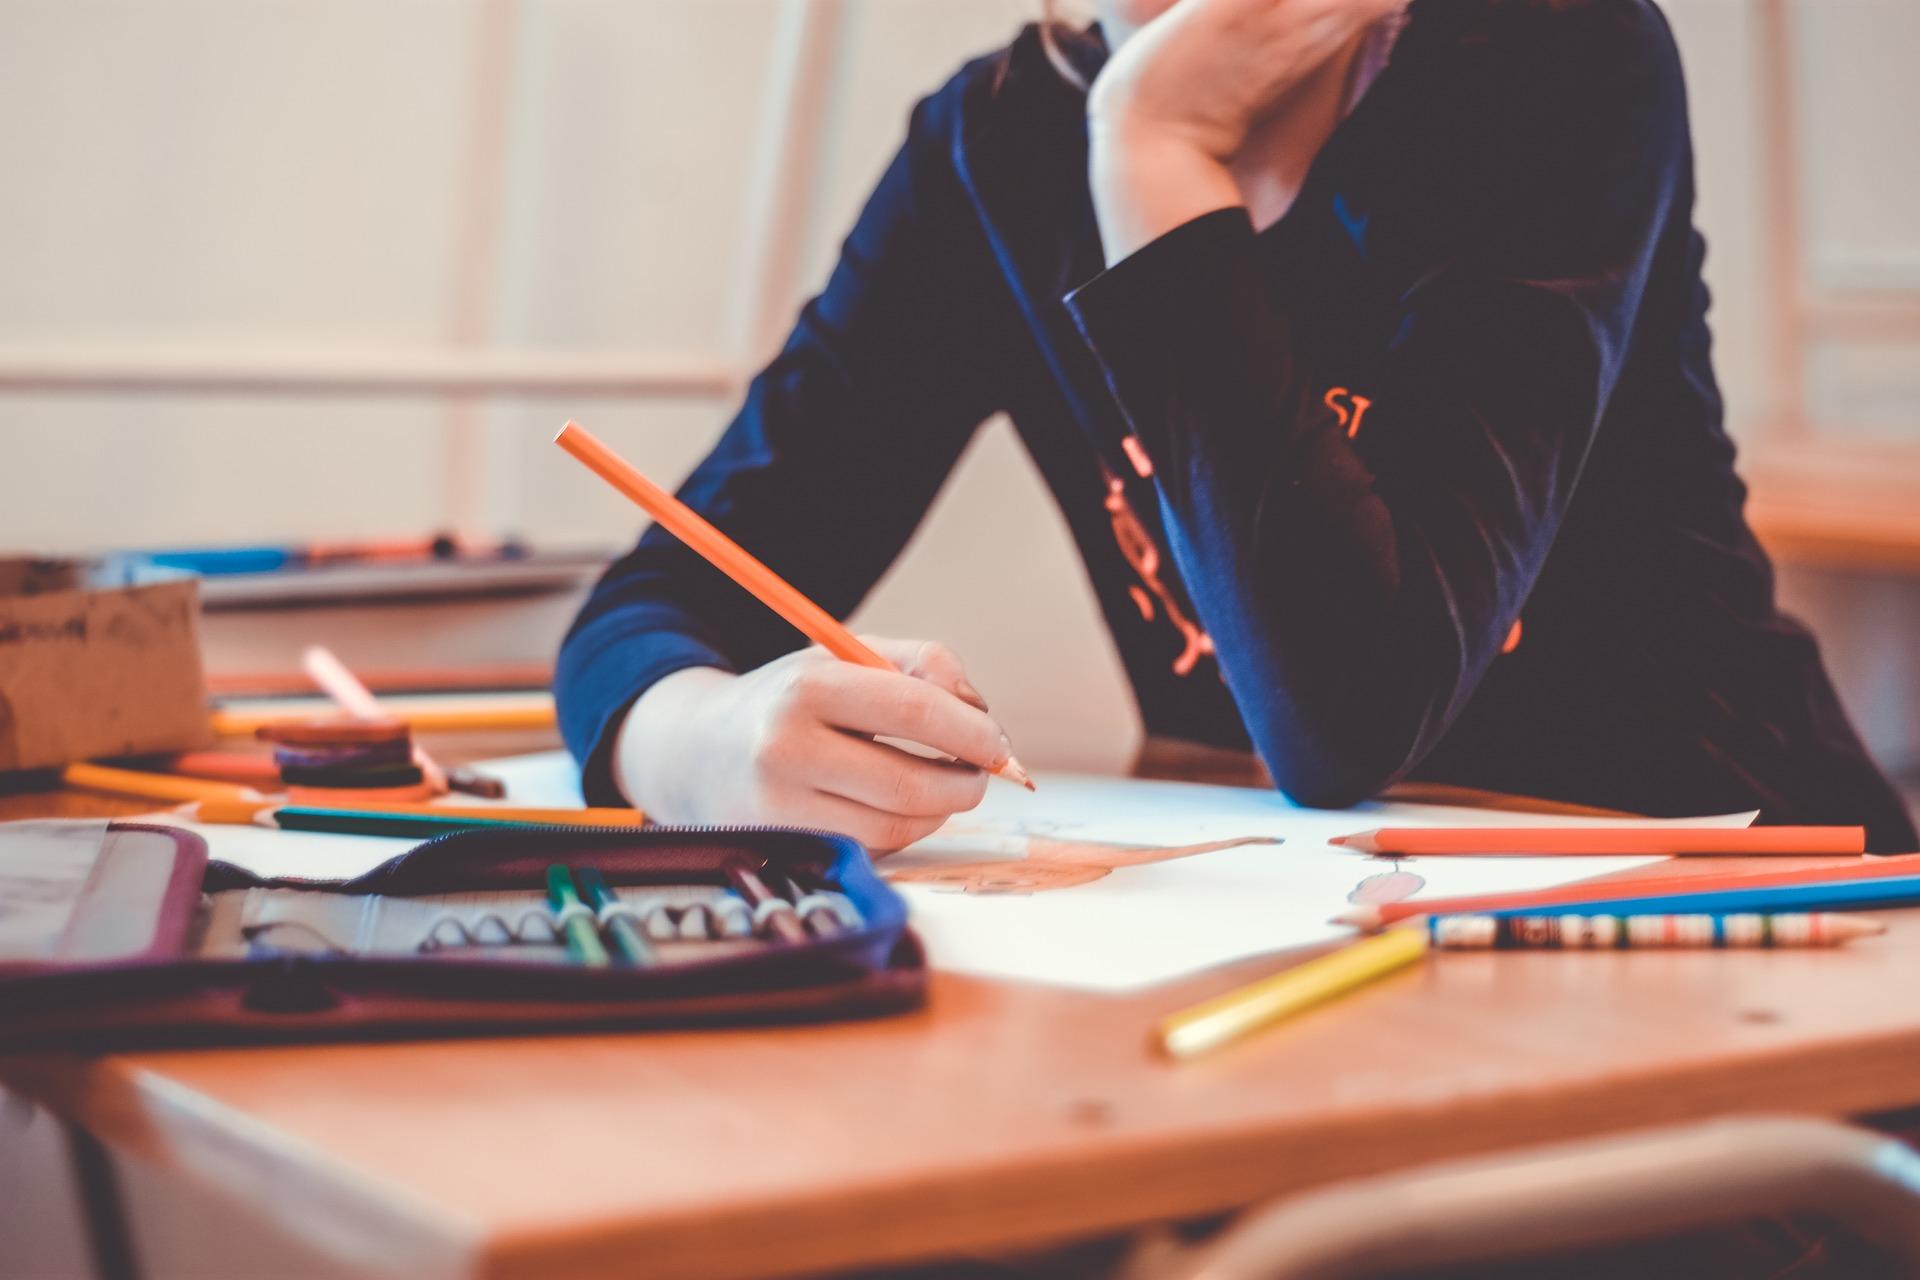 Encceja 2020: confira os assuntos do exame; provas estão previstas para dezembro